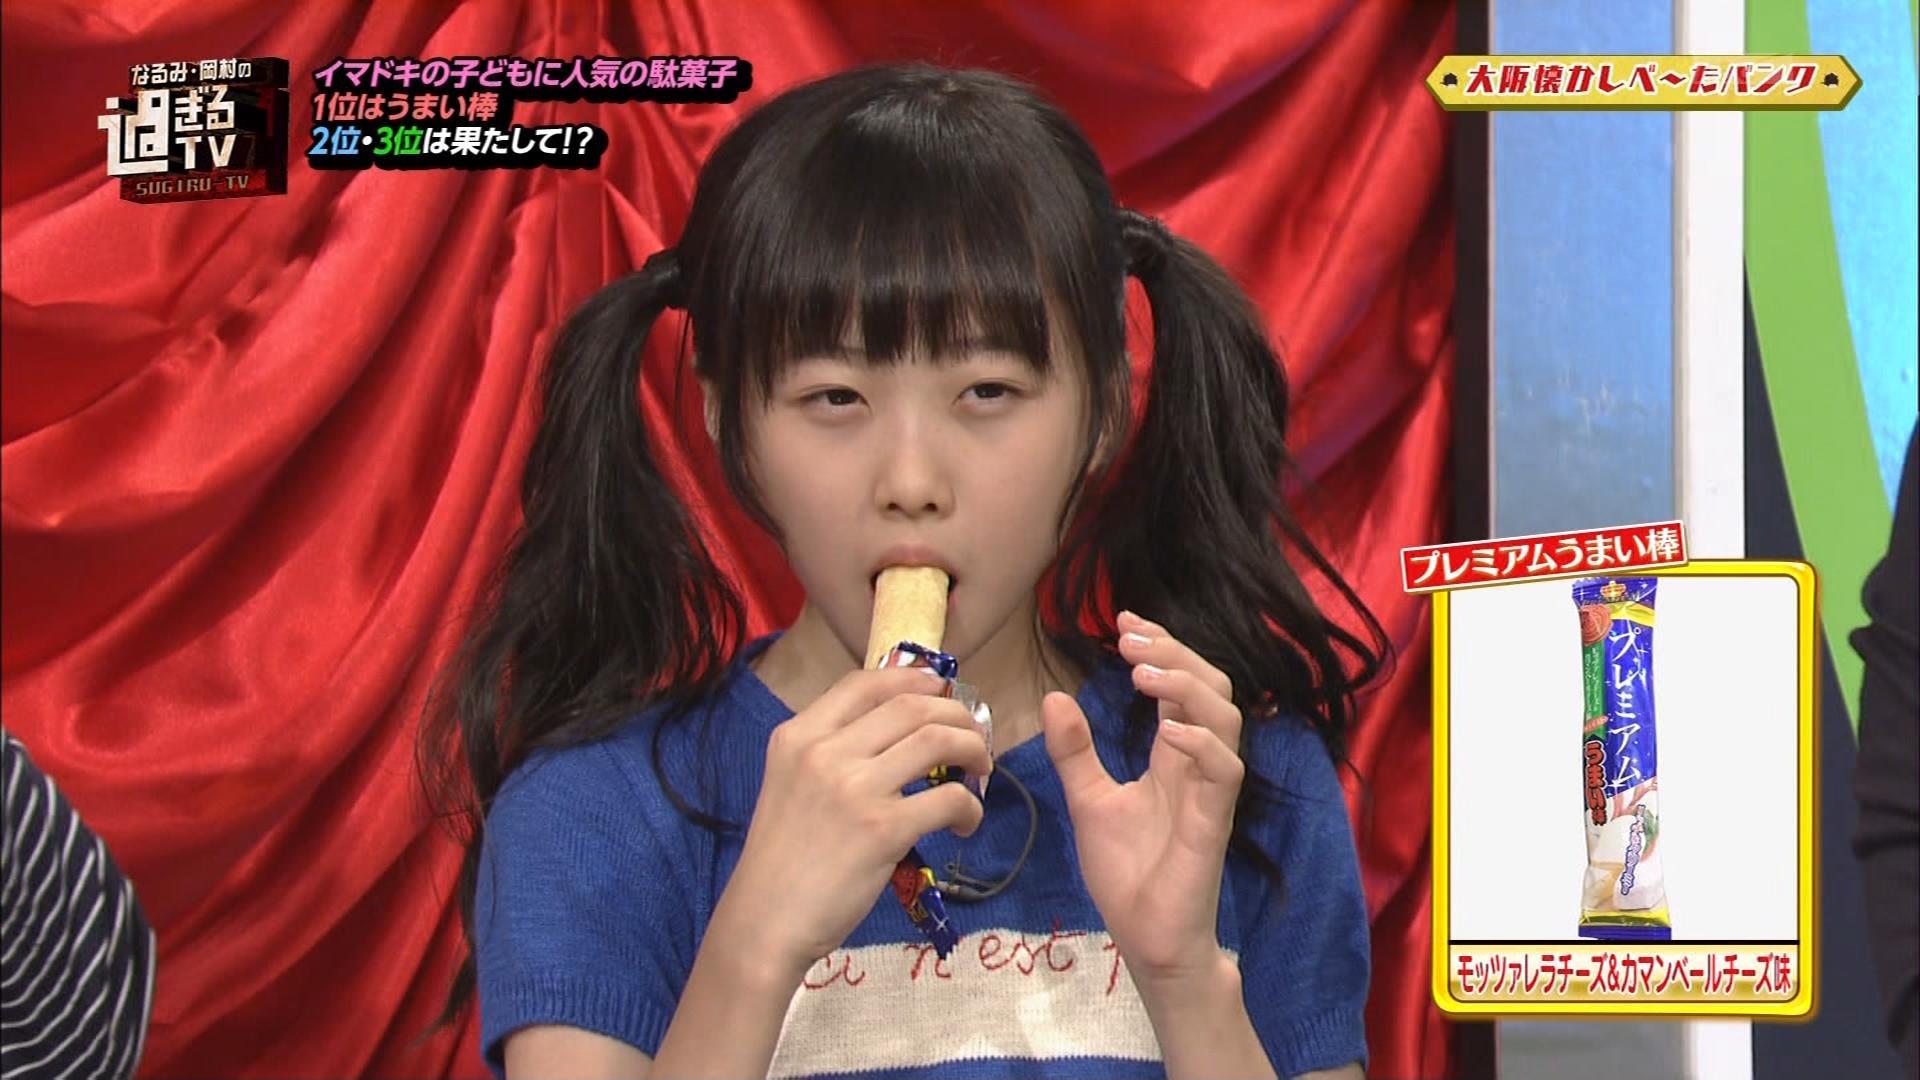 【エンタメ画像】本田望結ちゃん(12)のオーラルセックス顔が可愛すぎる!!!絶対気持ちよさそうだと話題に!!!